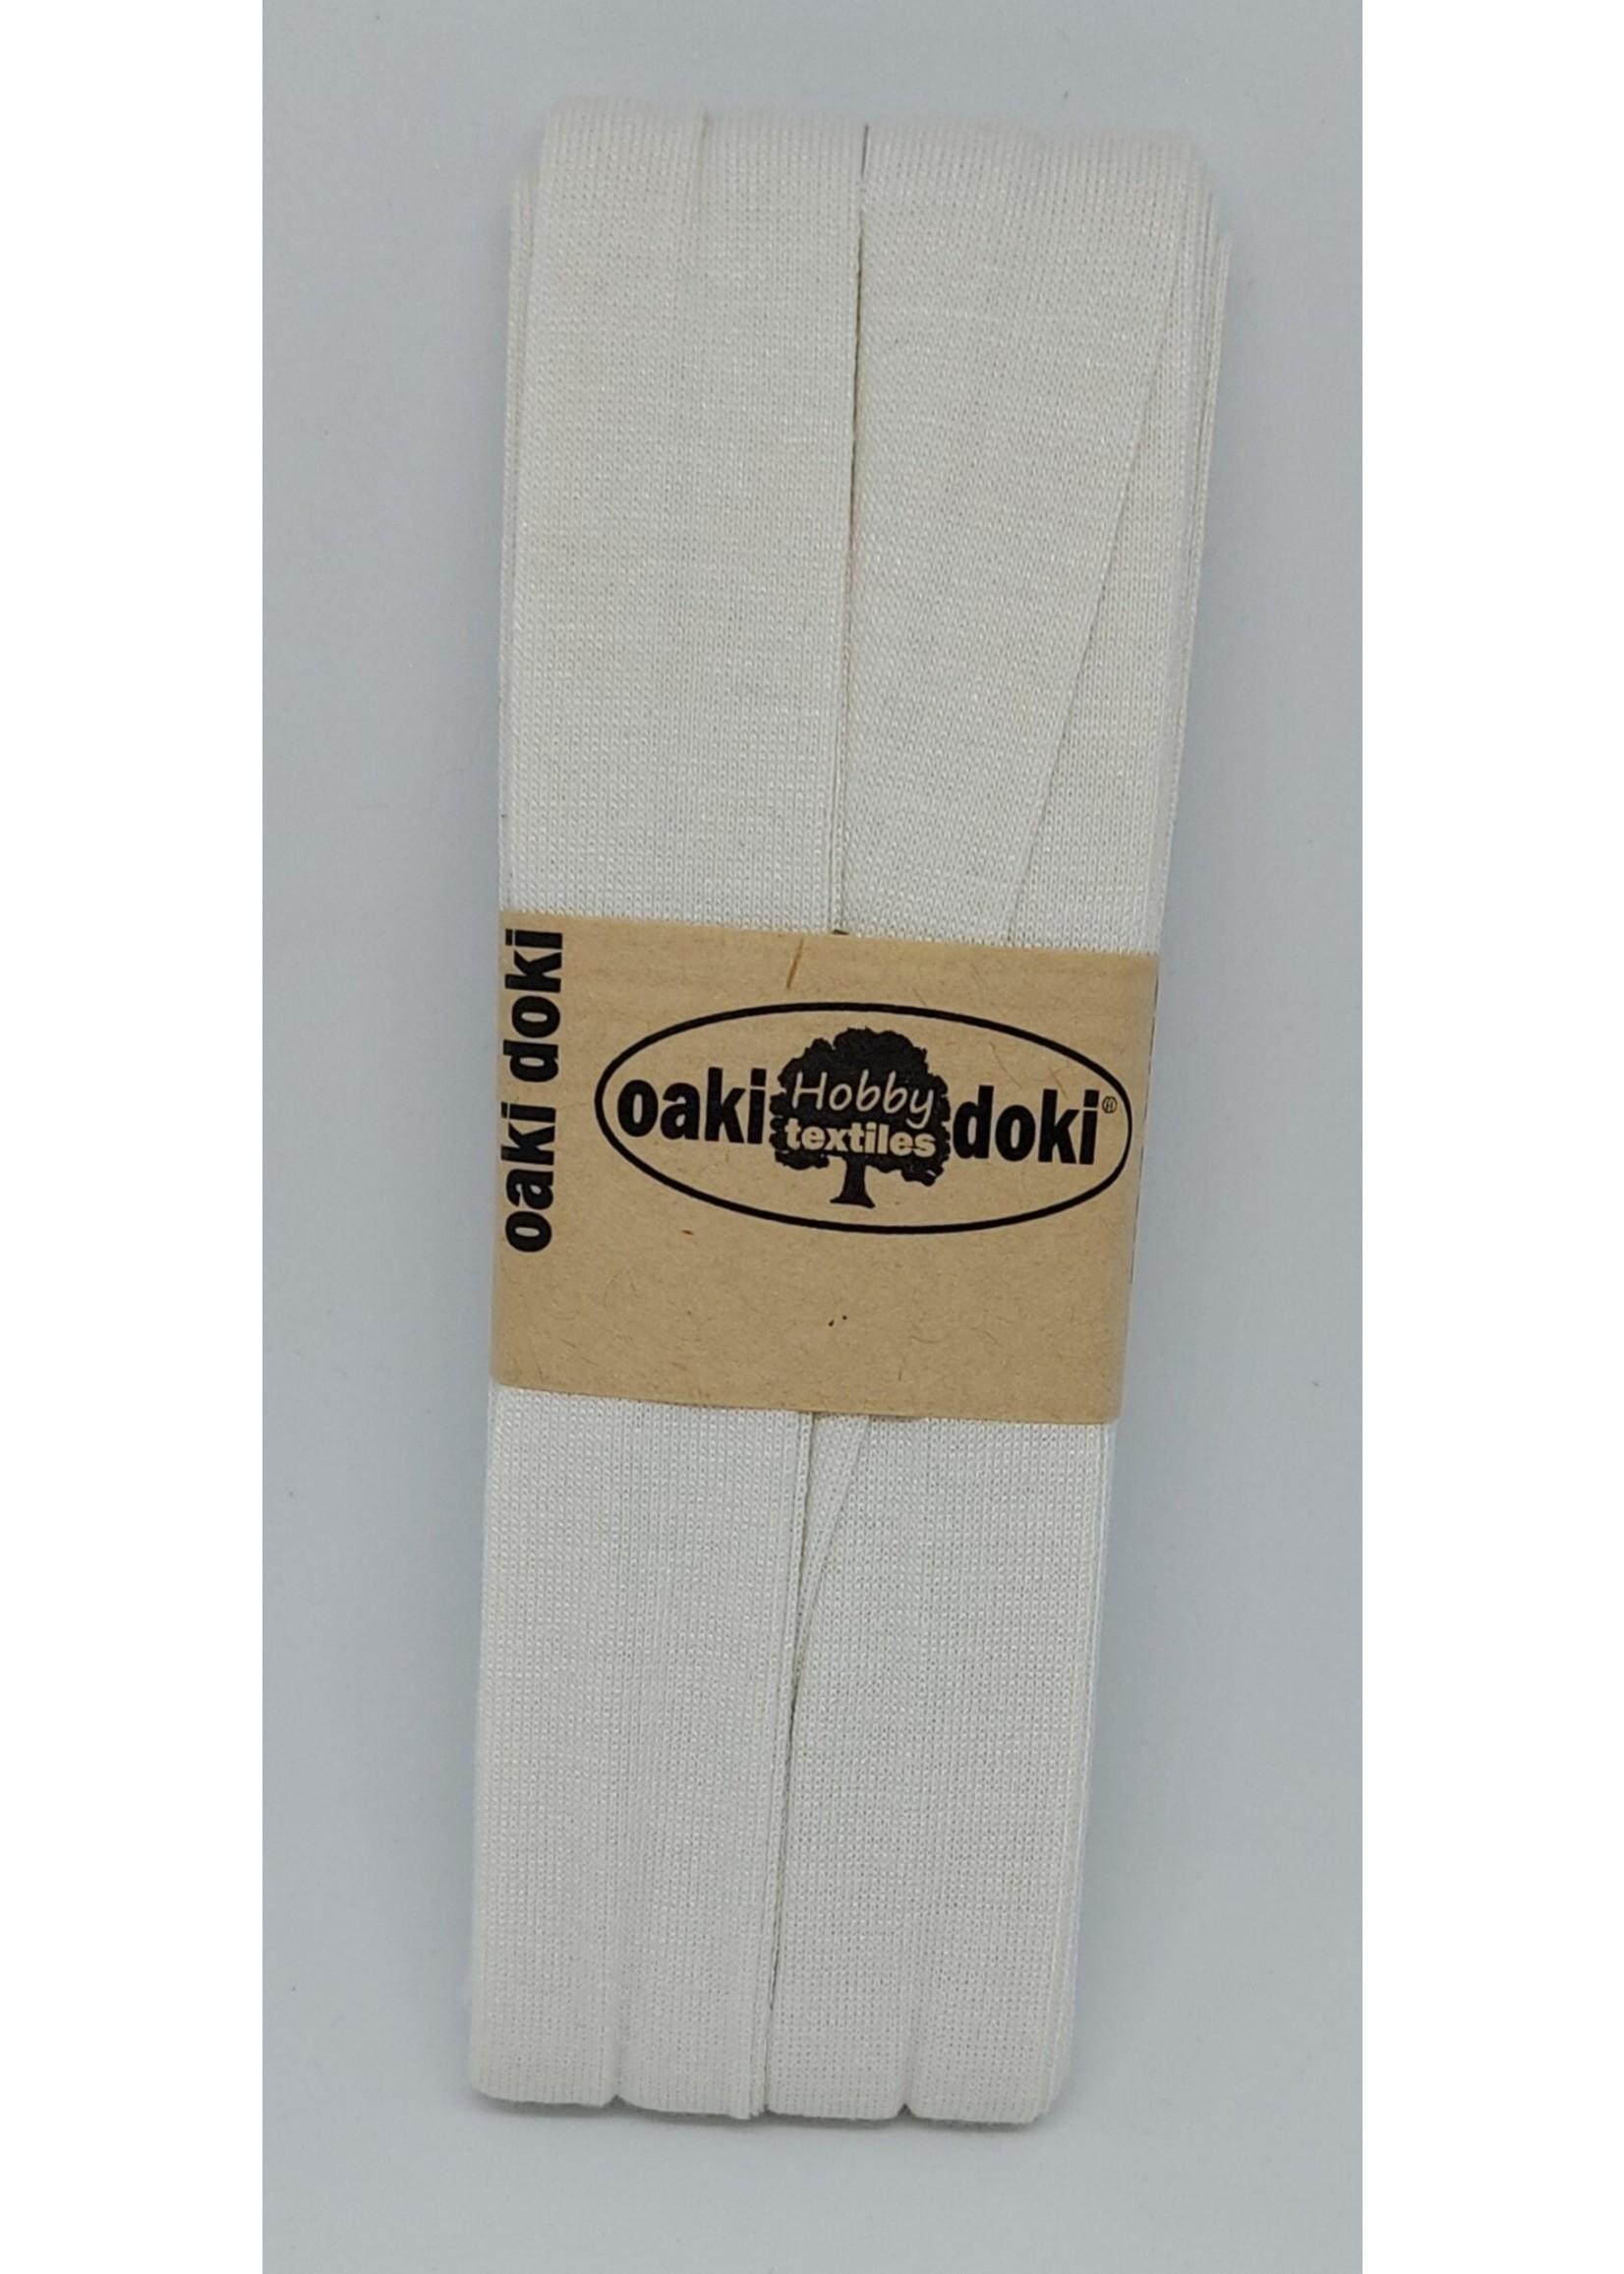 Oaki Doki Tricot de luxe 320